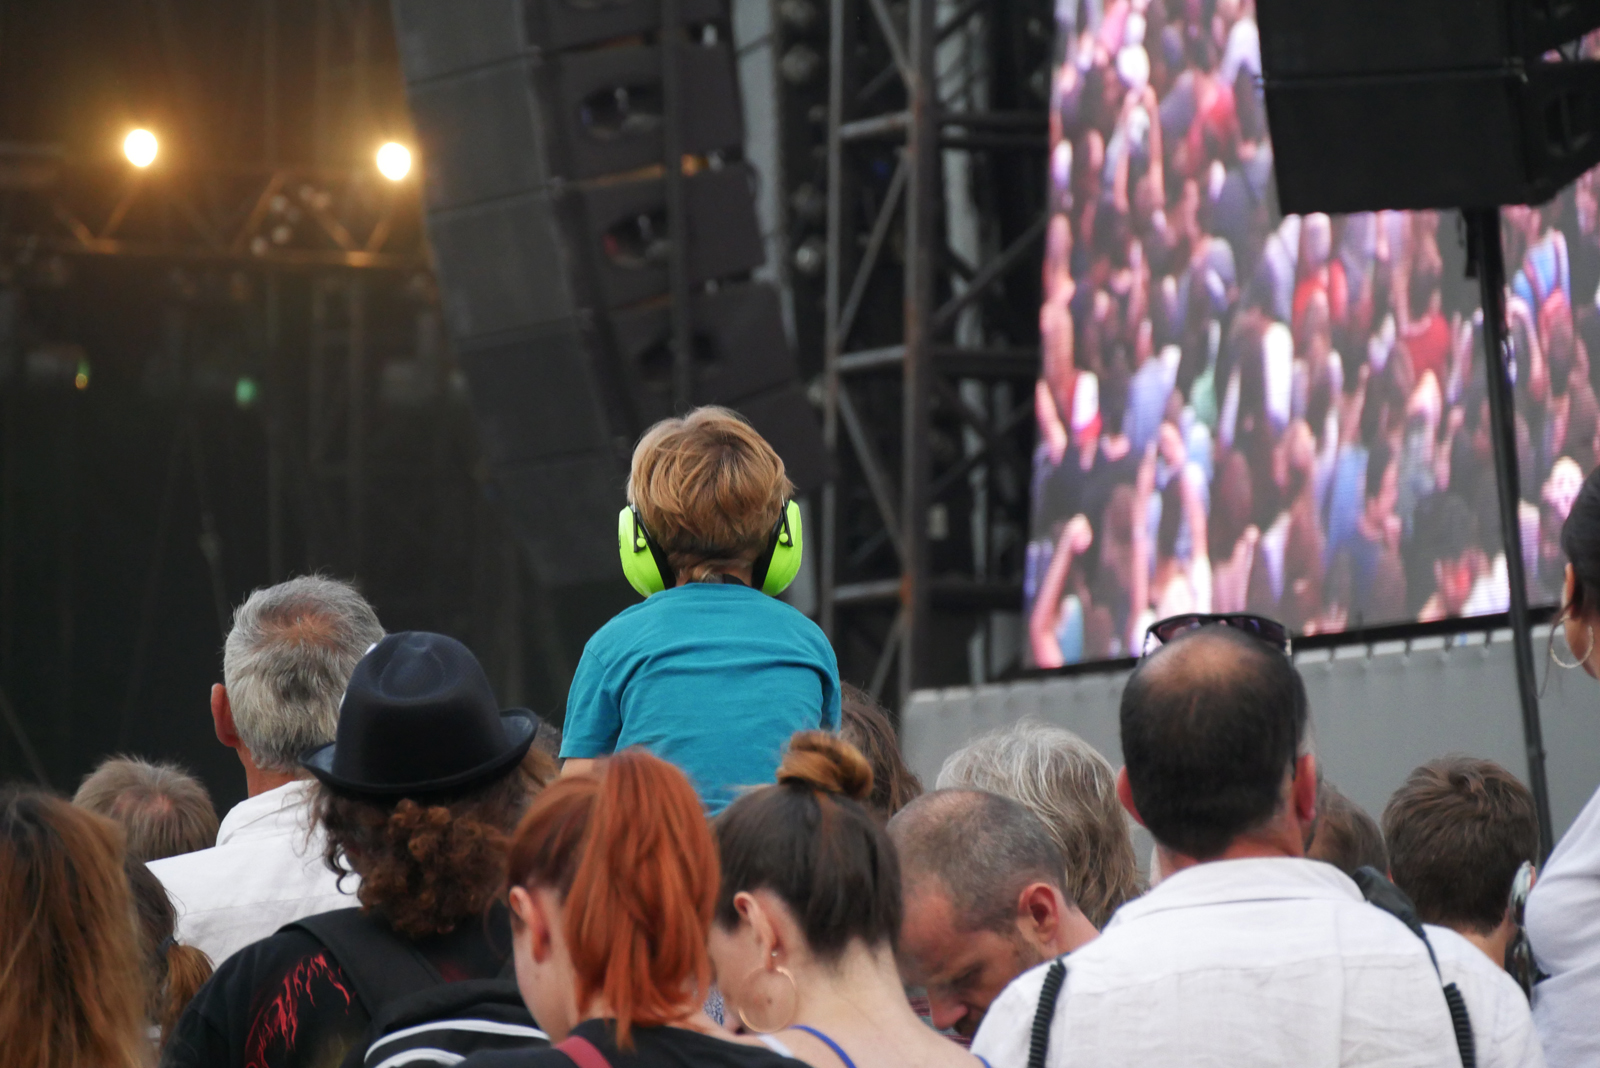 Enfant public Rock en Seine festival musique domaine national de saint cloud néons dans la nuit photo usofparis blog